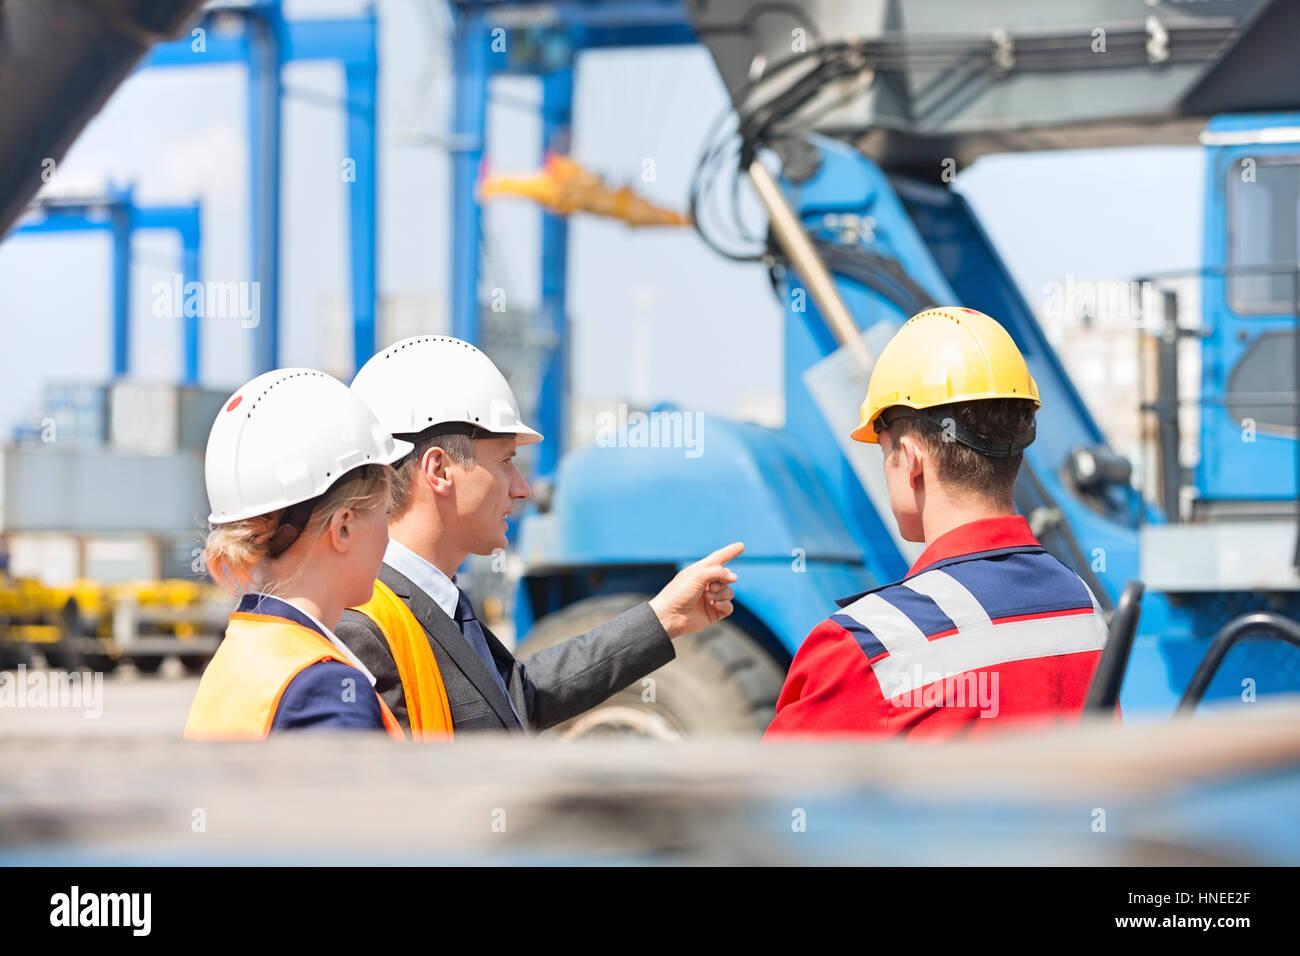 Los trabajadores discutiendo en shipping yard Imagen De Stock